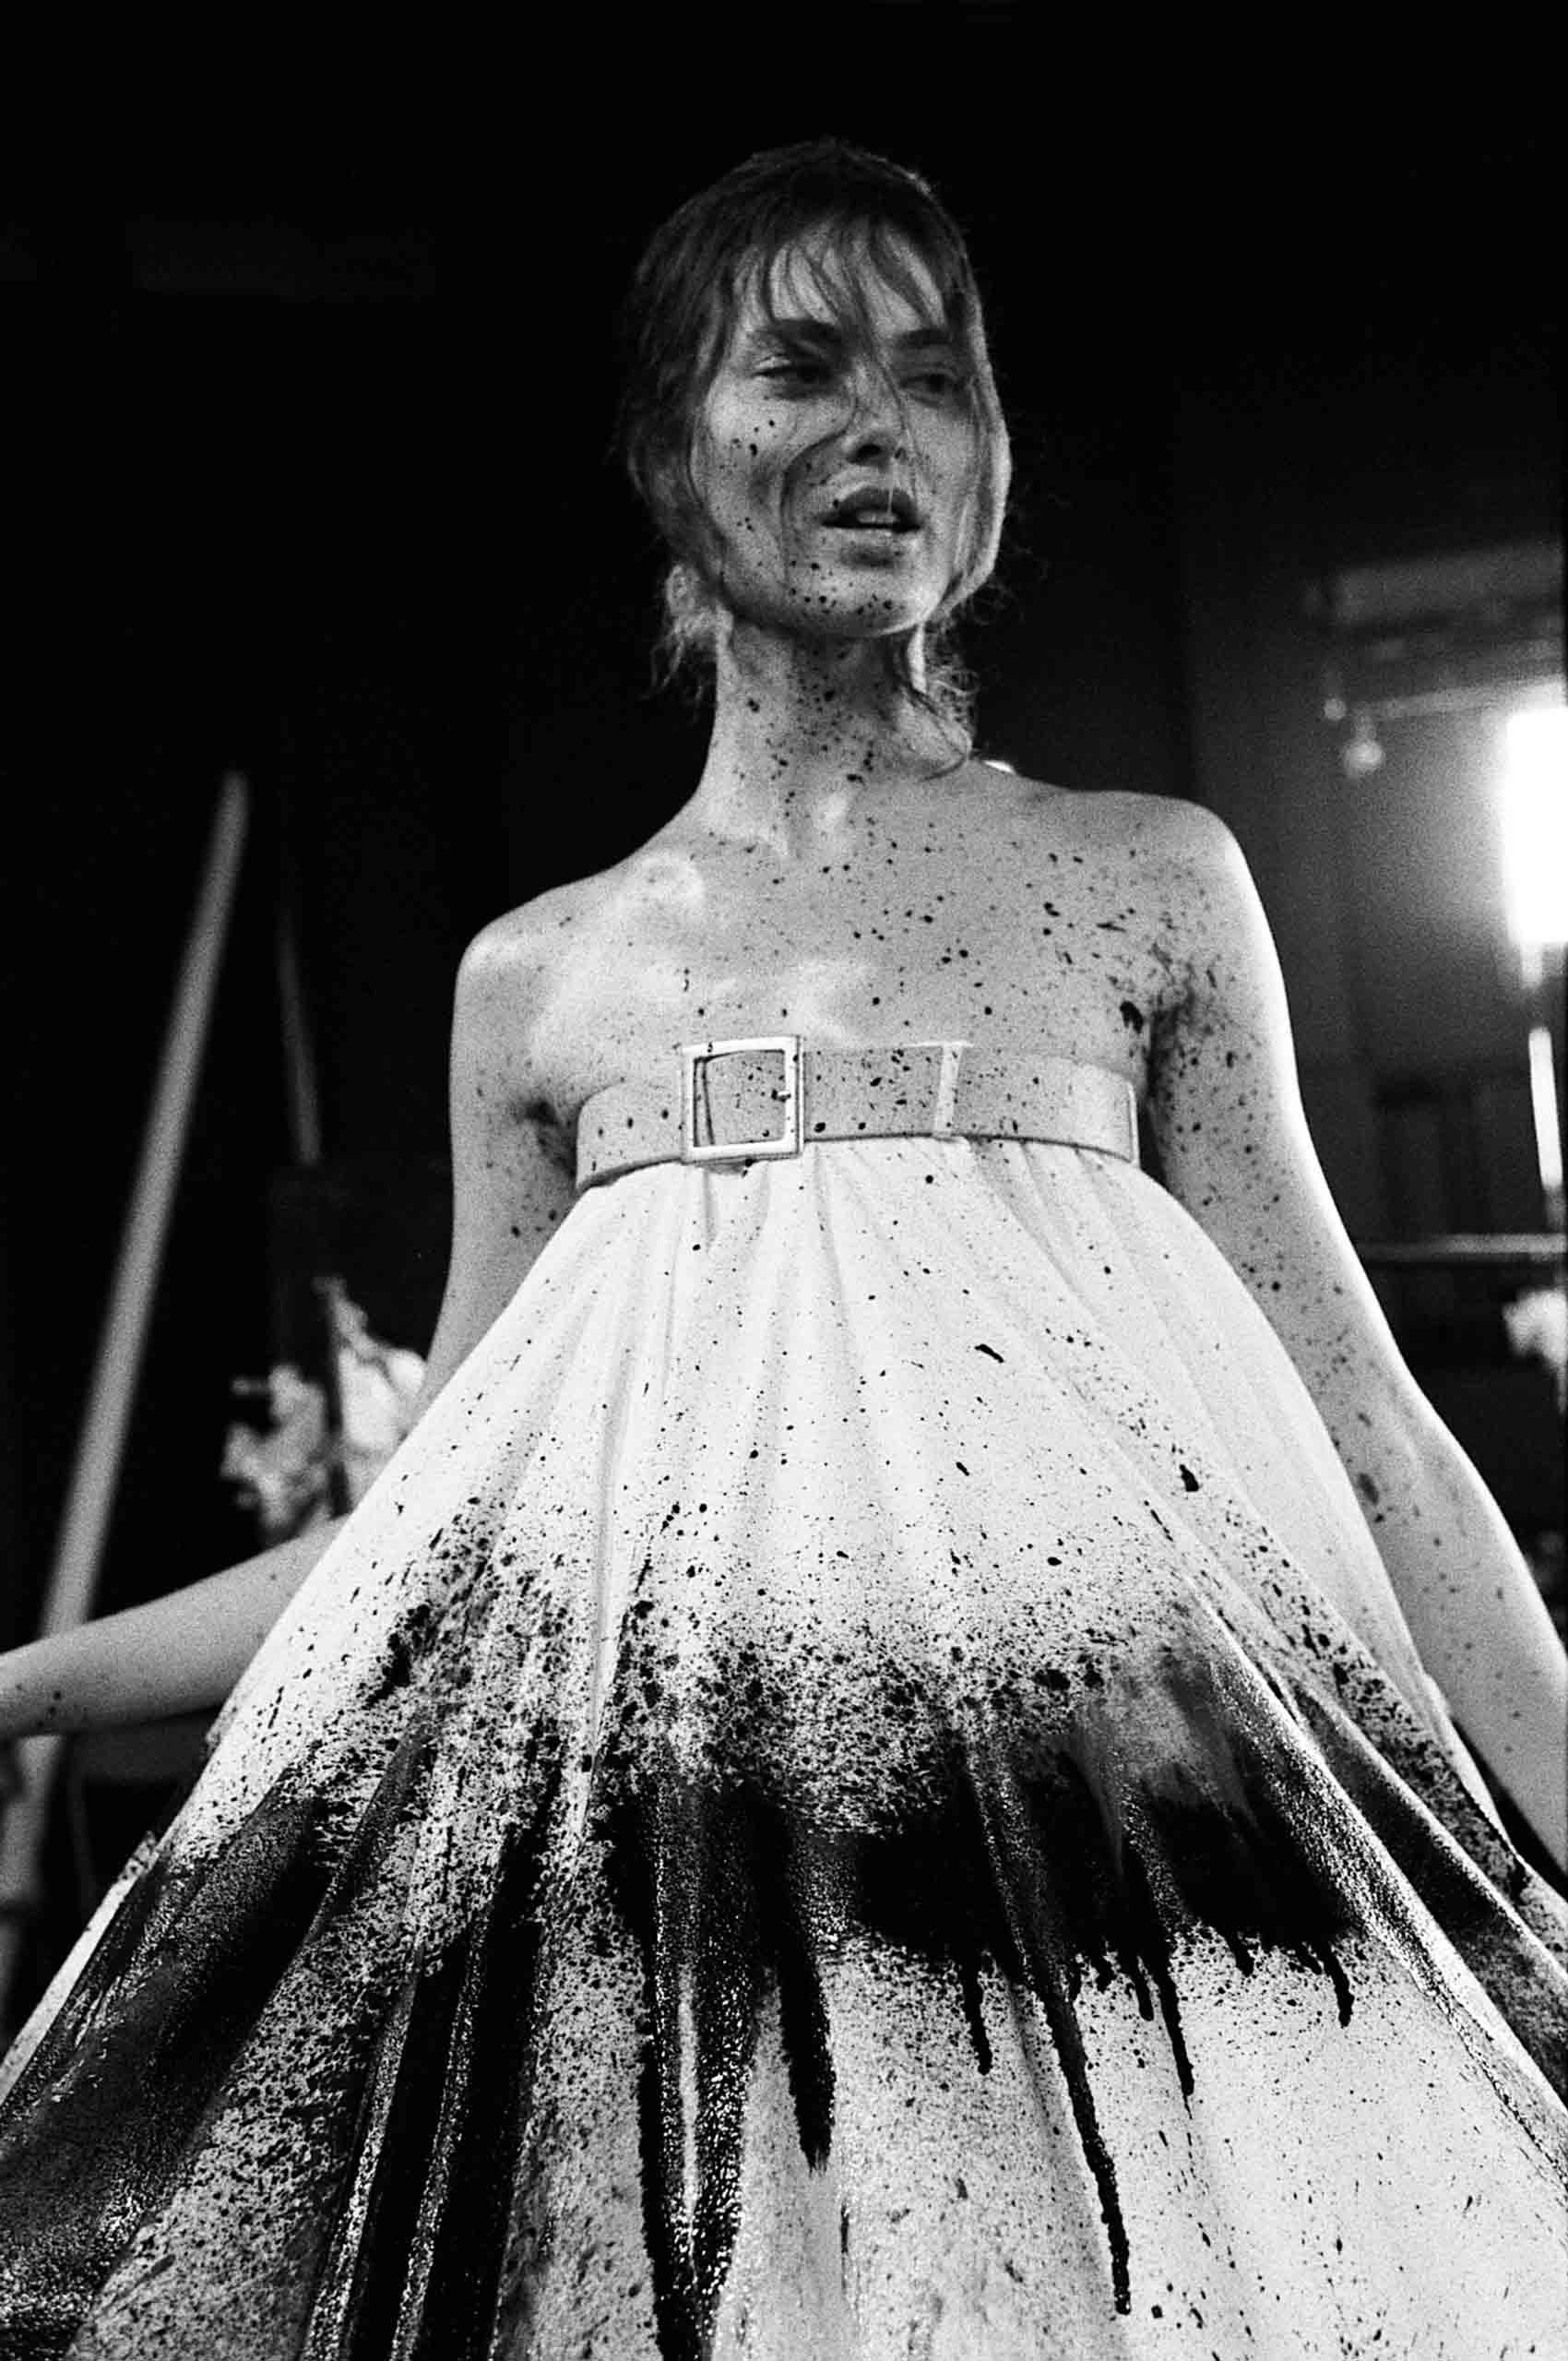 安·雷,《疯狂II》,伦敦,1998年。图片由艺术家提供。